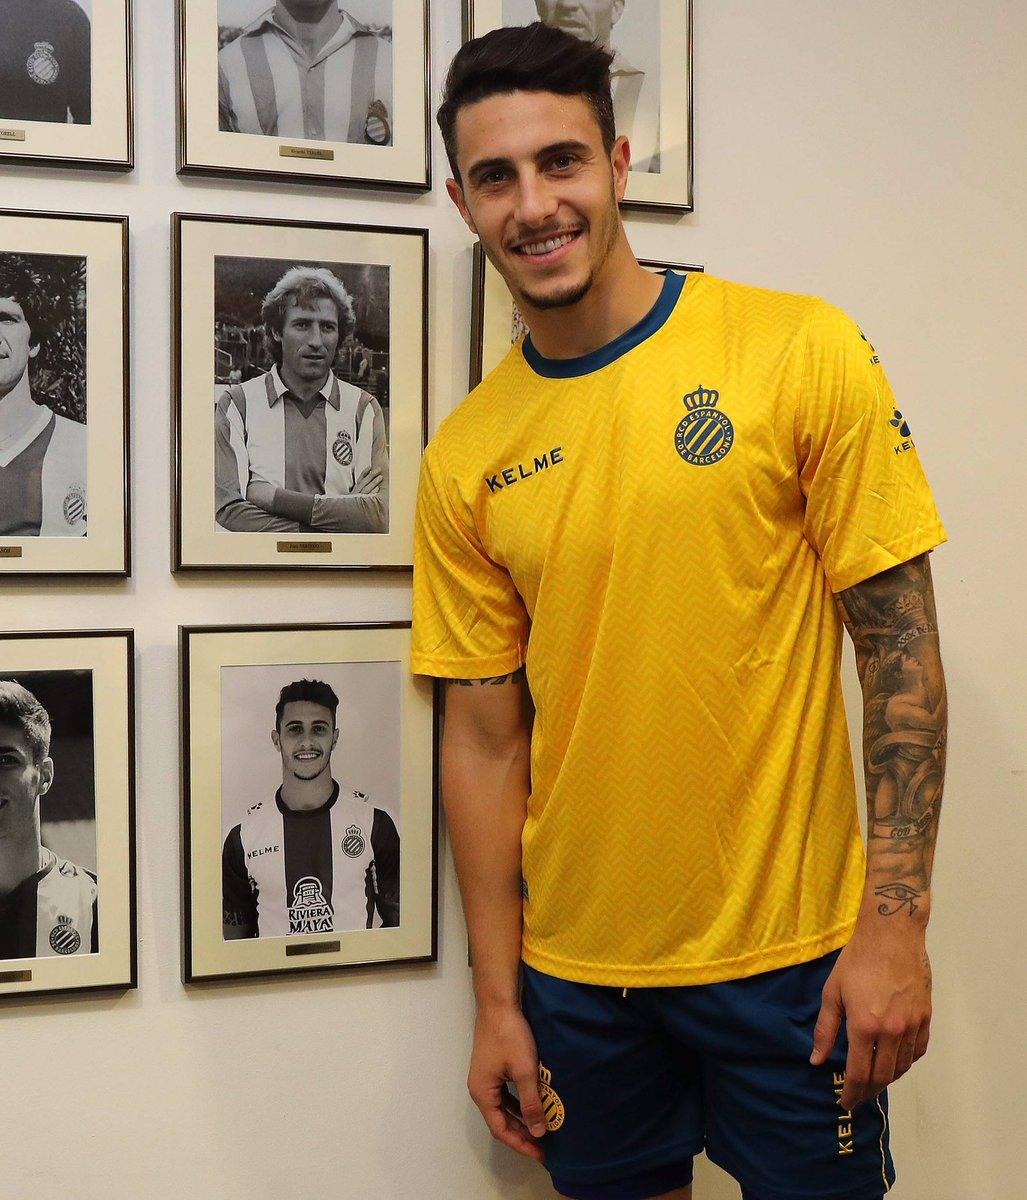 La foto de @mariohermoso5 ya luce en la galería de internacionales. ¡Muchas felicidades, Mario! ¡A seguir! 💪🏻💪🏻 #RCDE #Volem #EspanyoldeBarcelona